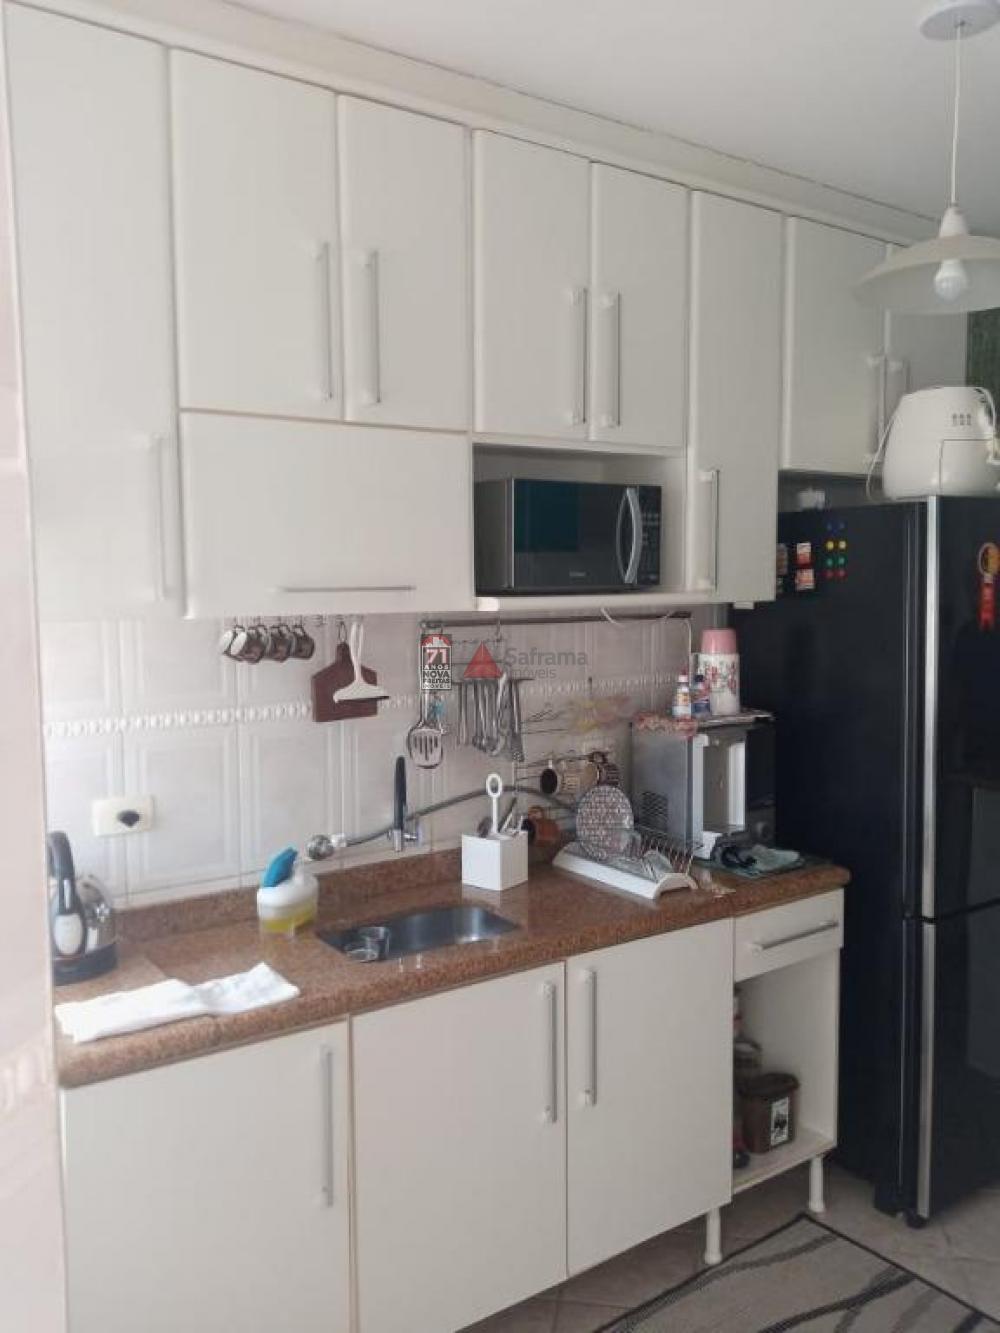 Comprar Casa / Sobrado em Caraguatatuba apenas R$ 350.000,00 - Foto 6